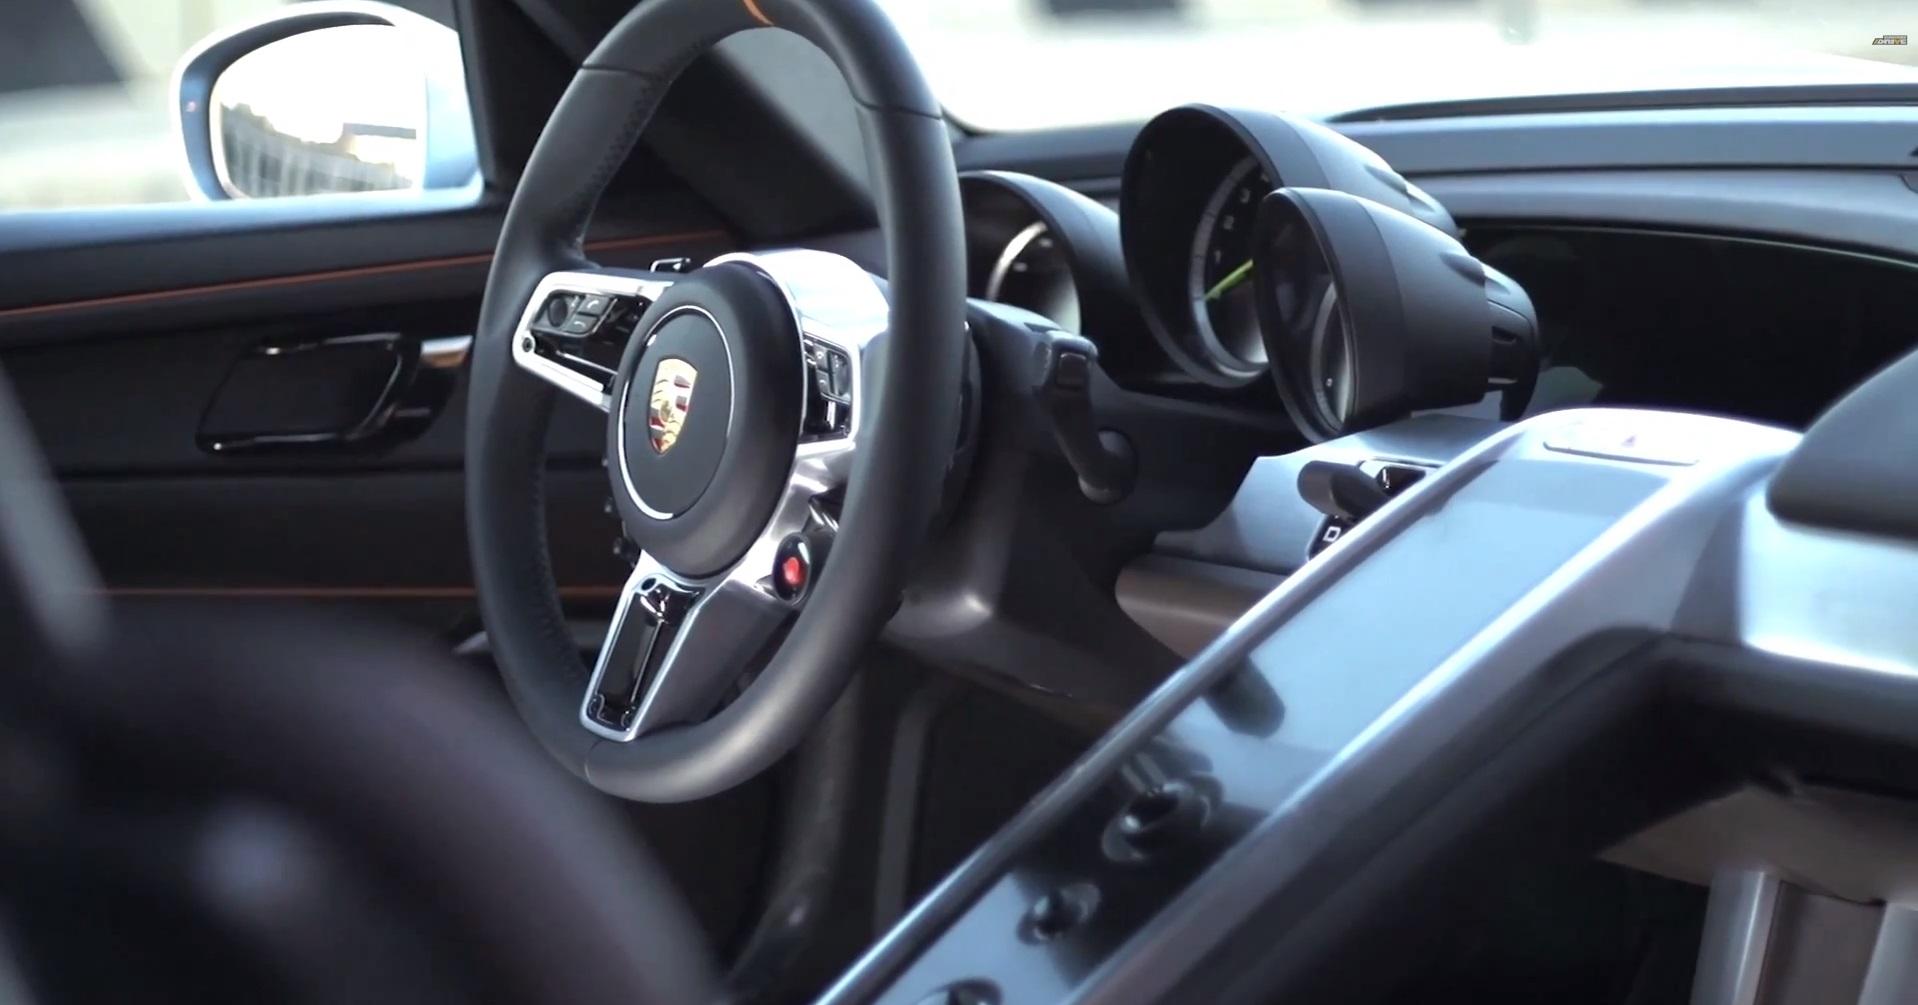 Porsche 918 Spyder - www.hartvoorautos.nl